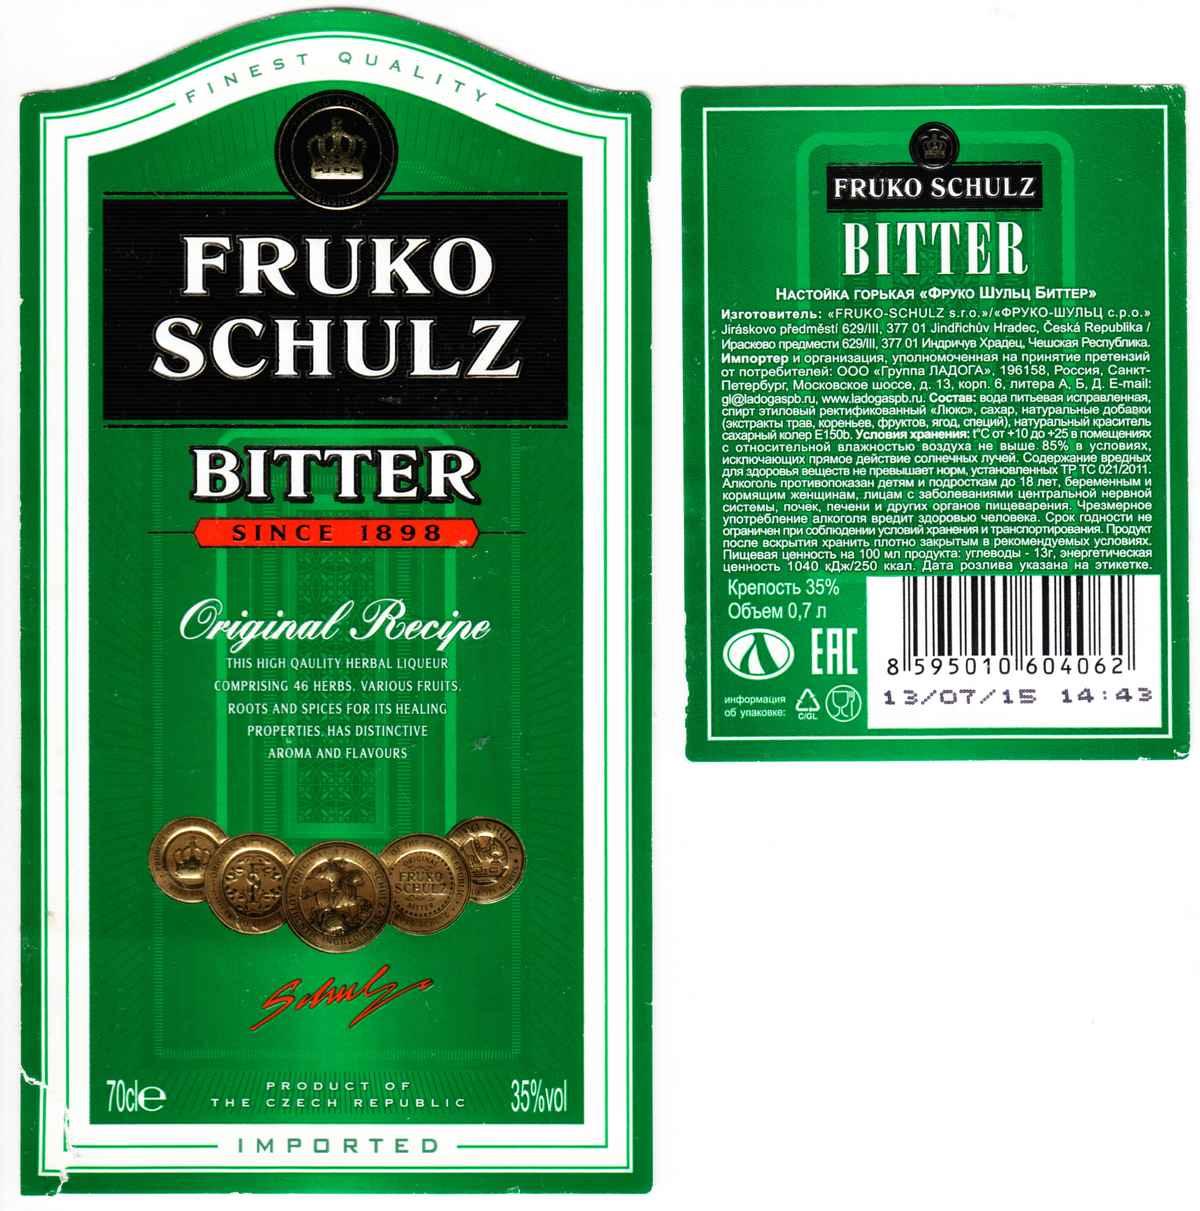 Ликеры фруко шульц: обзор, виды + 8 рецептов коктейлей